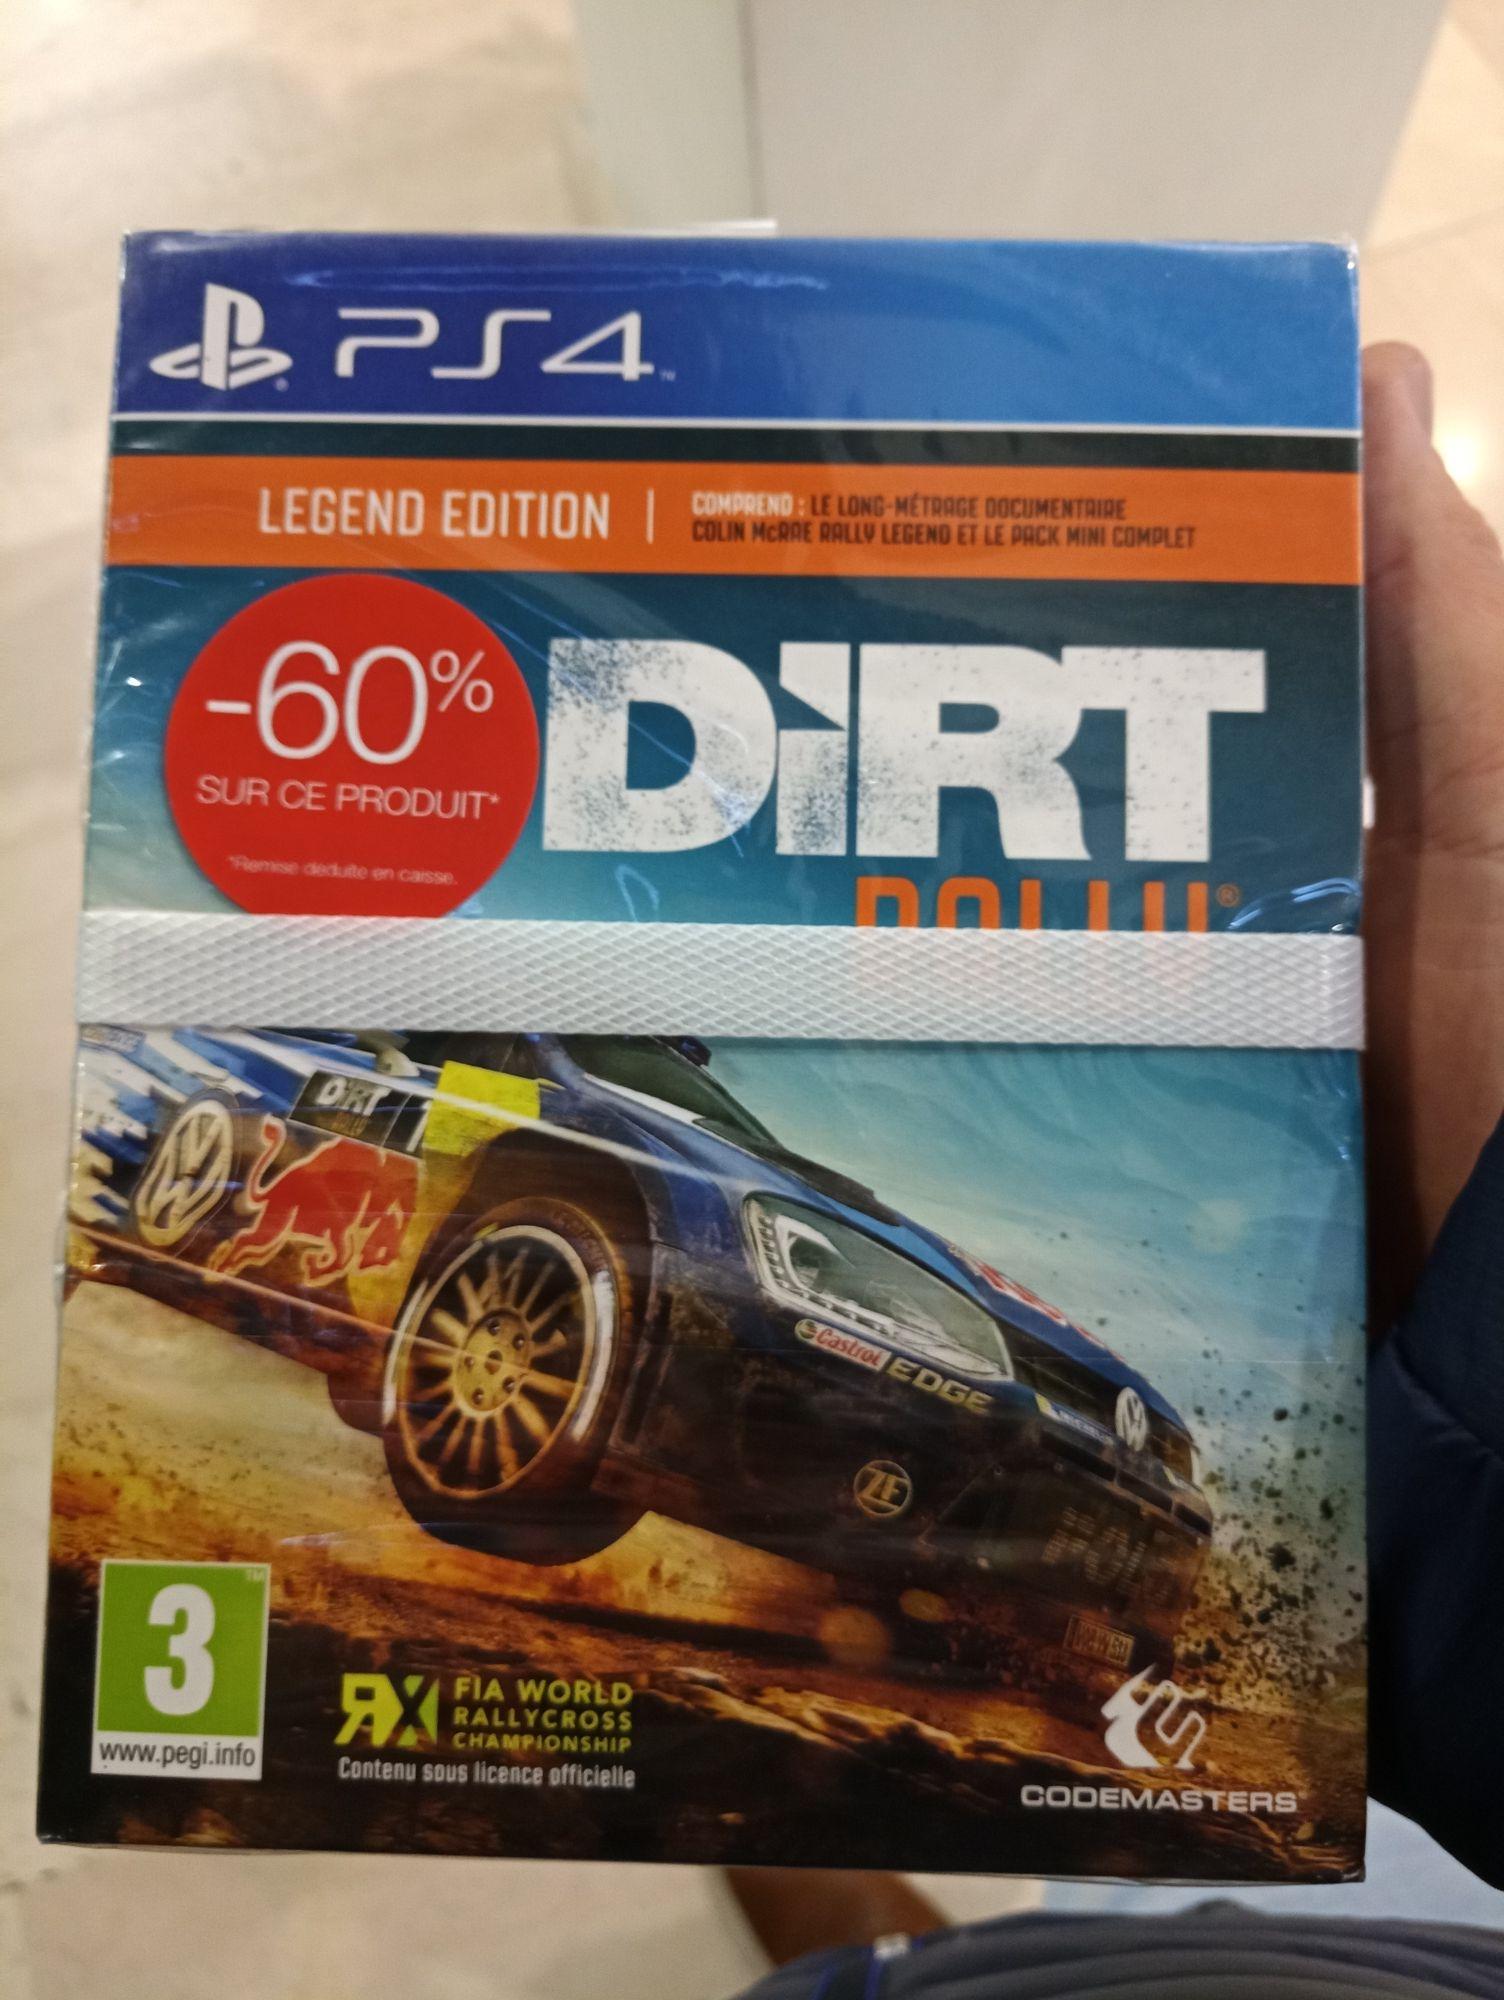 Jeu Dirt Rally sur PS4 - Légend Édition - Lyon Part Dieu (69)